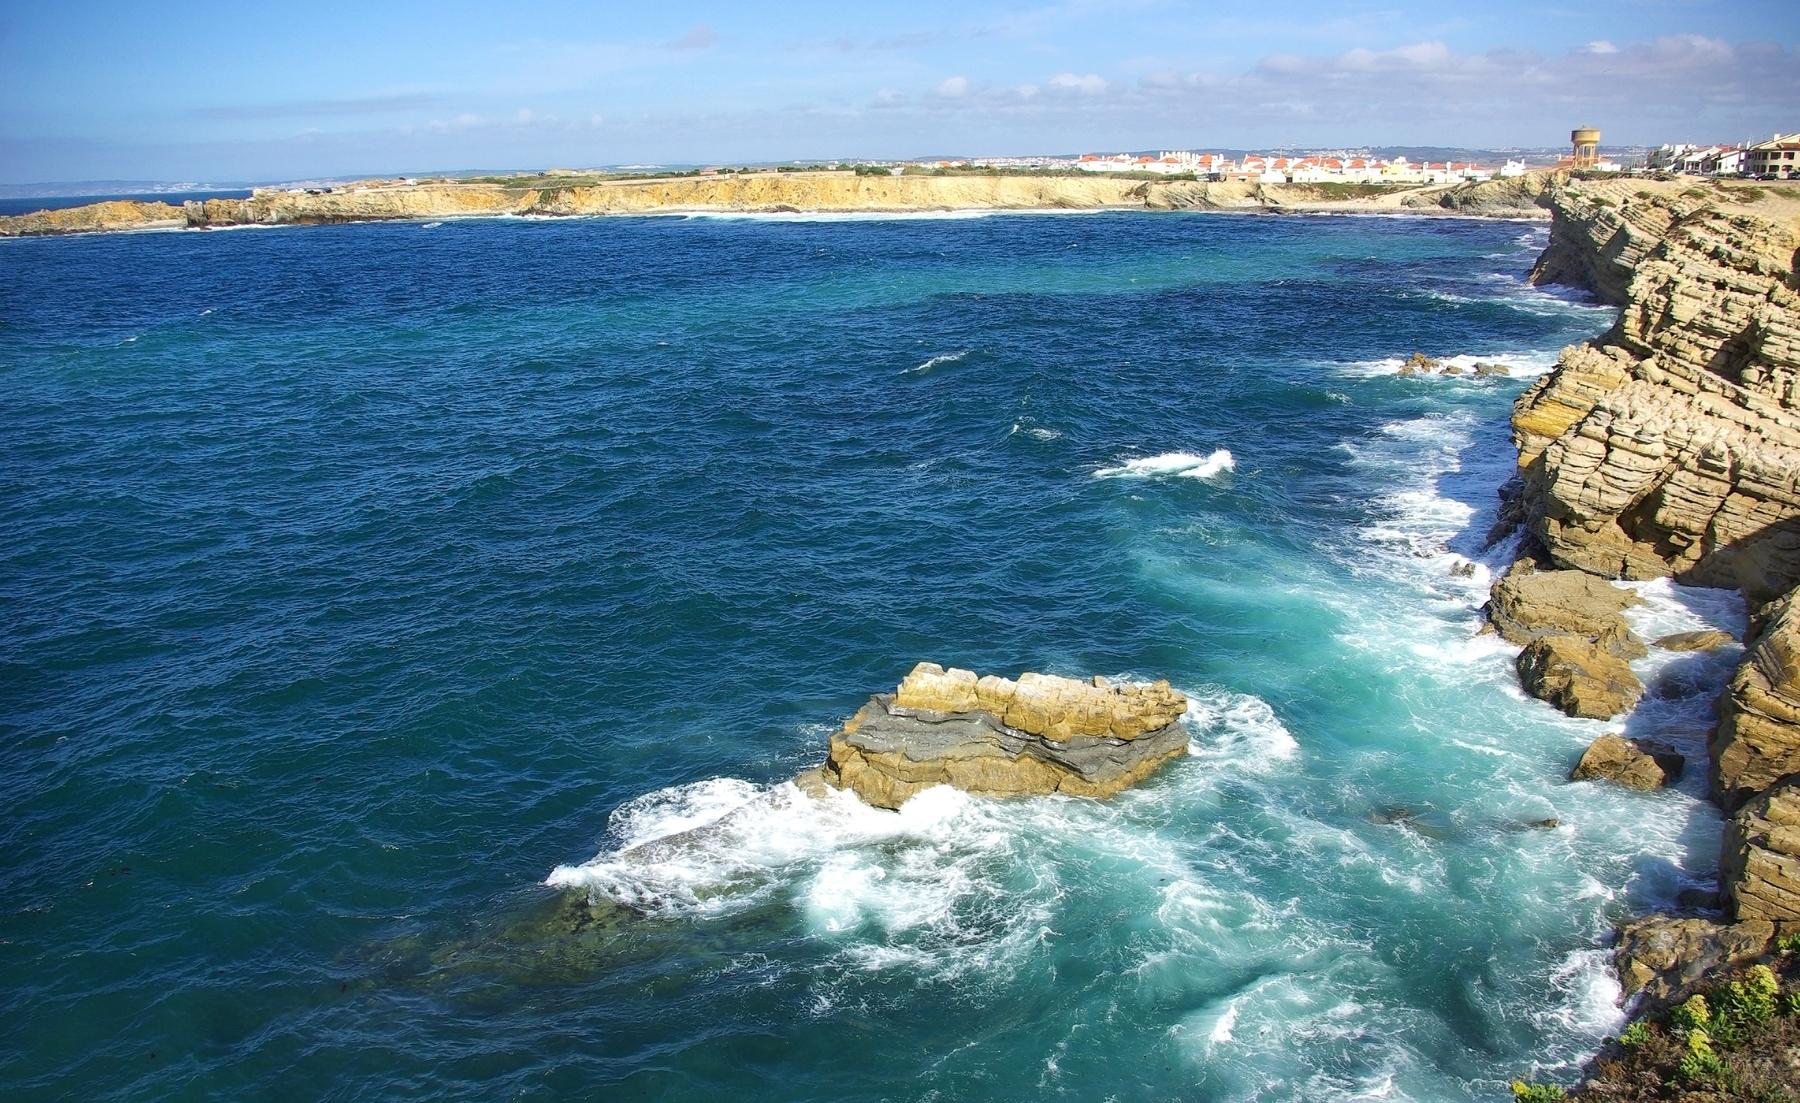 The coast of Peniche, Portugal